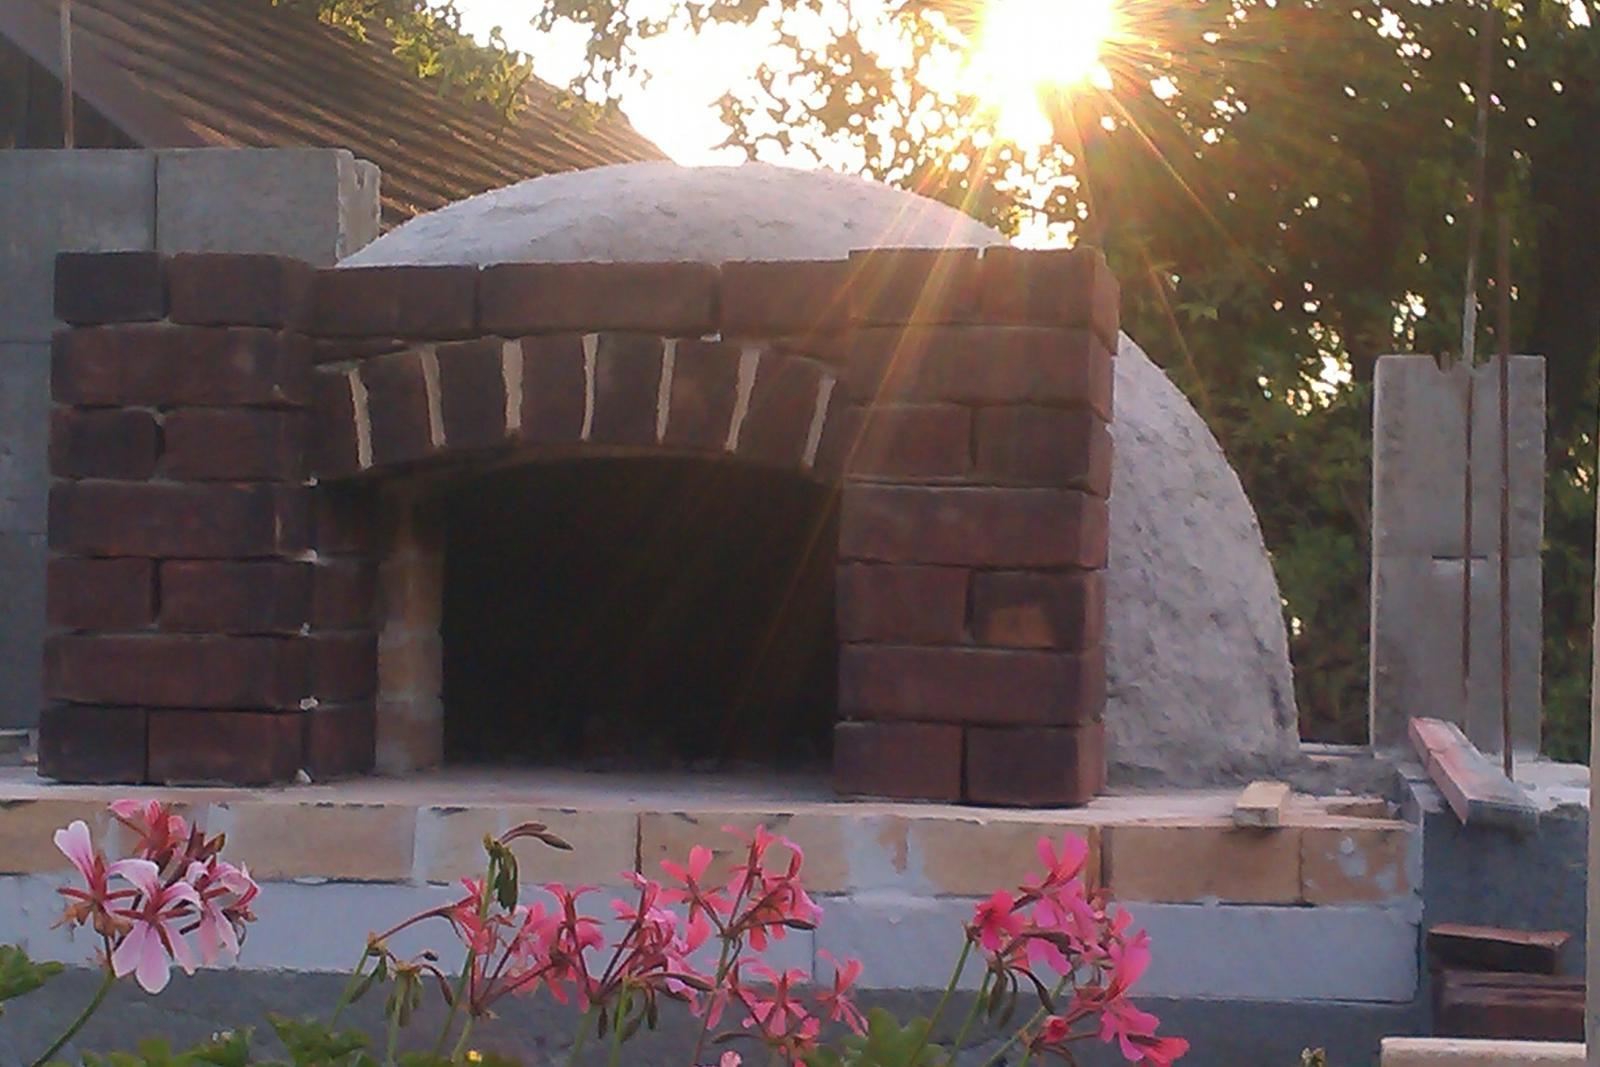 Stavíme letní kuchyň svépomocí, - ráno raníčko, když vysvitne sluníčko